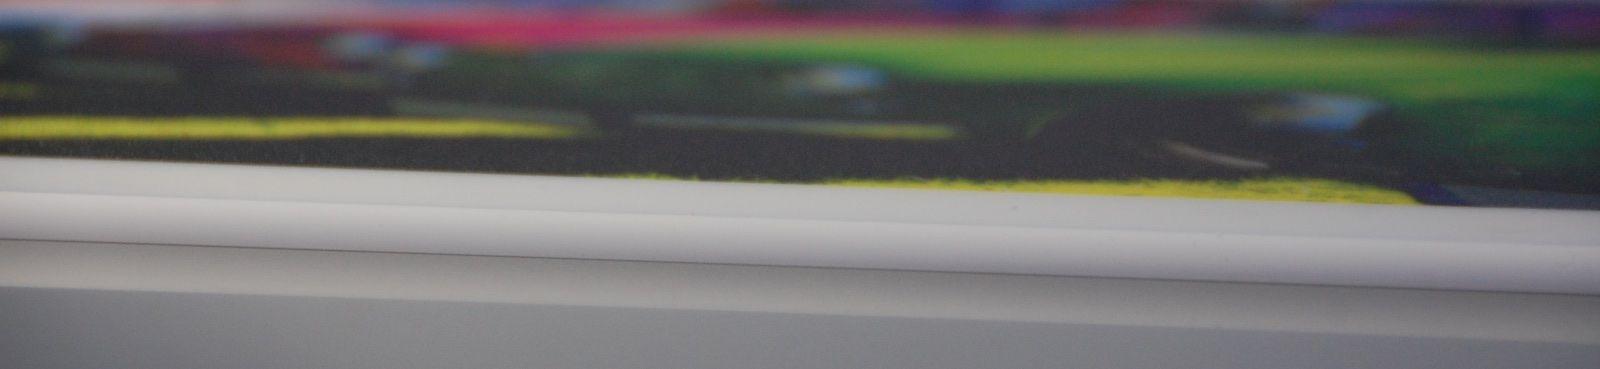 Plexiglass opaco per retroilluminare